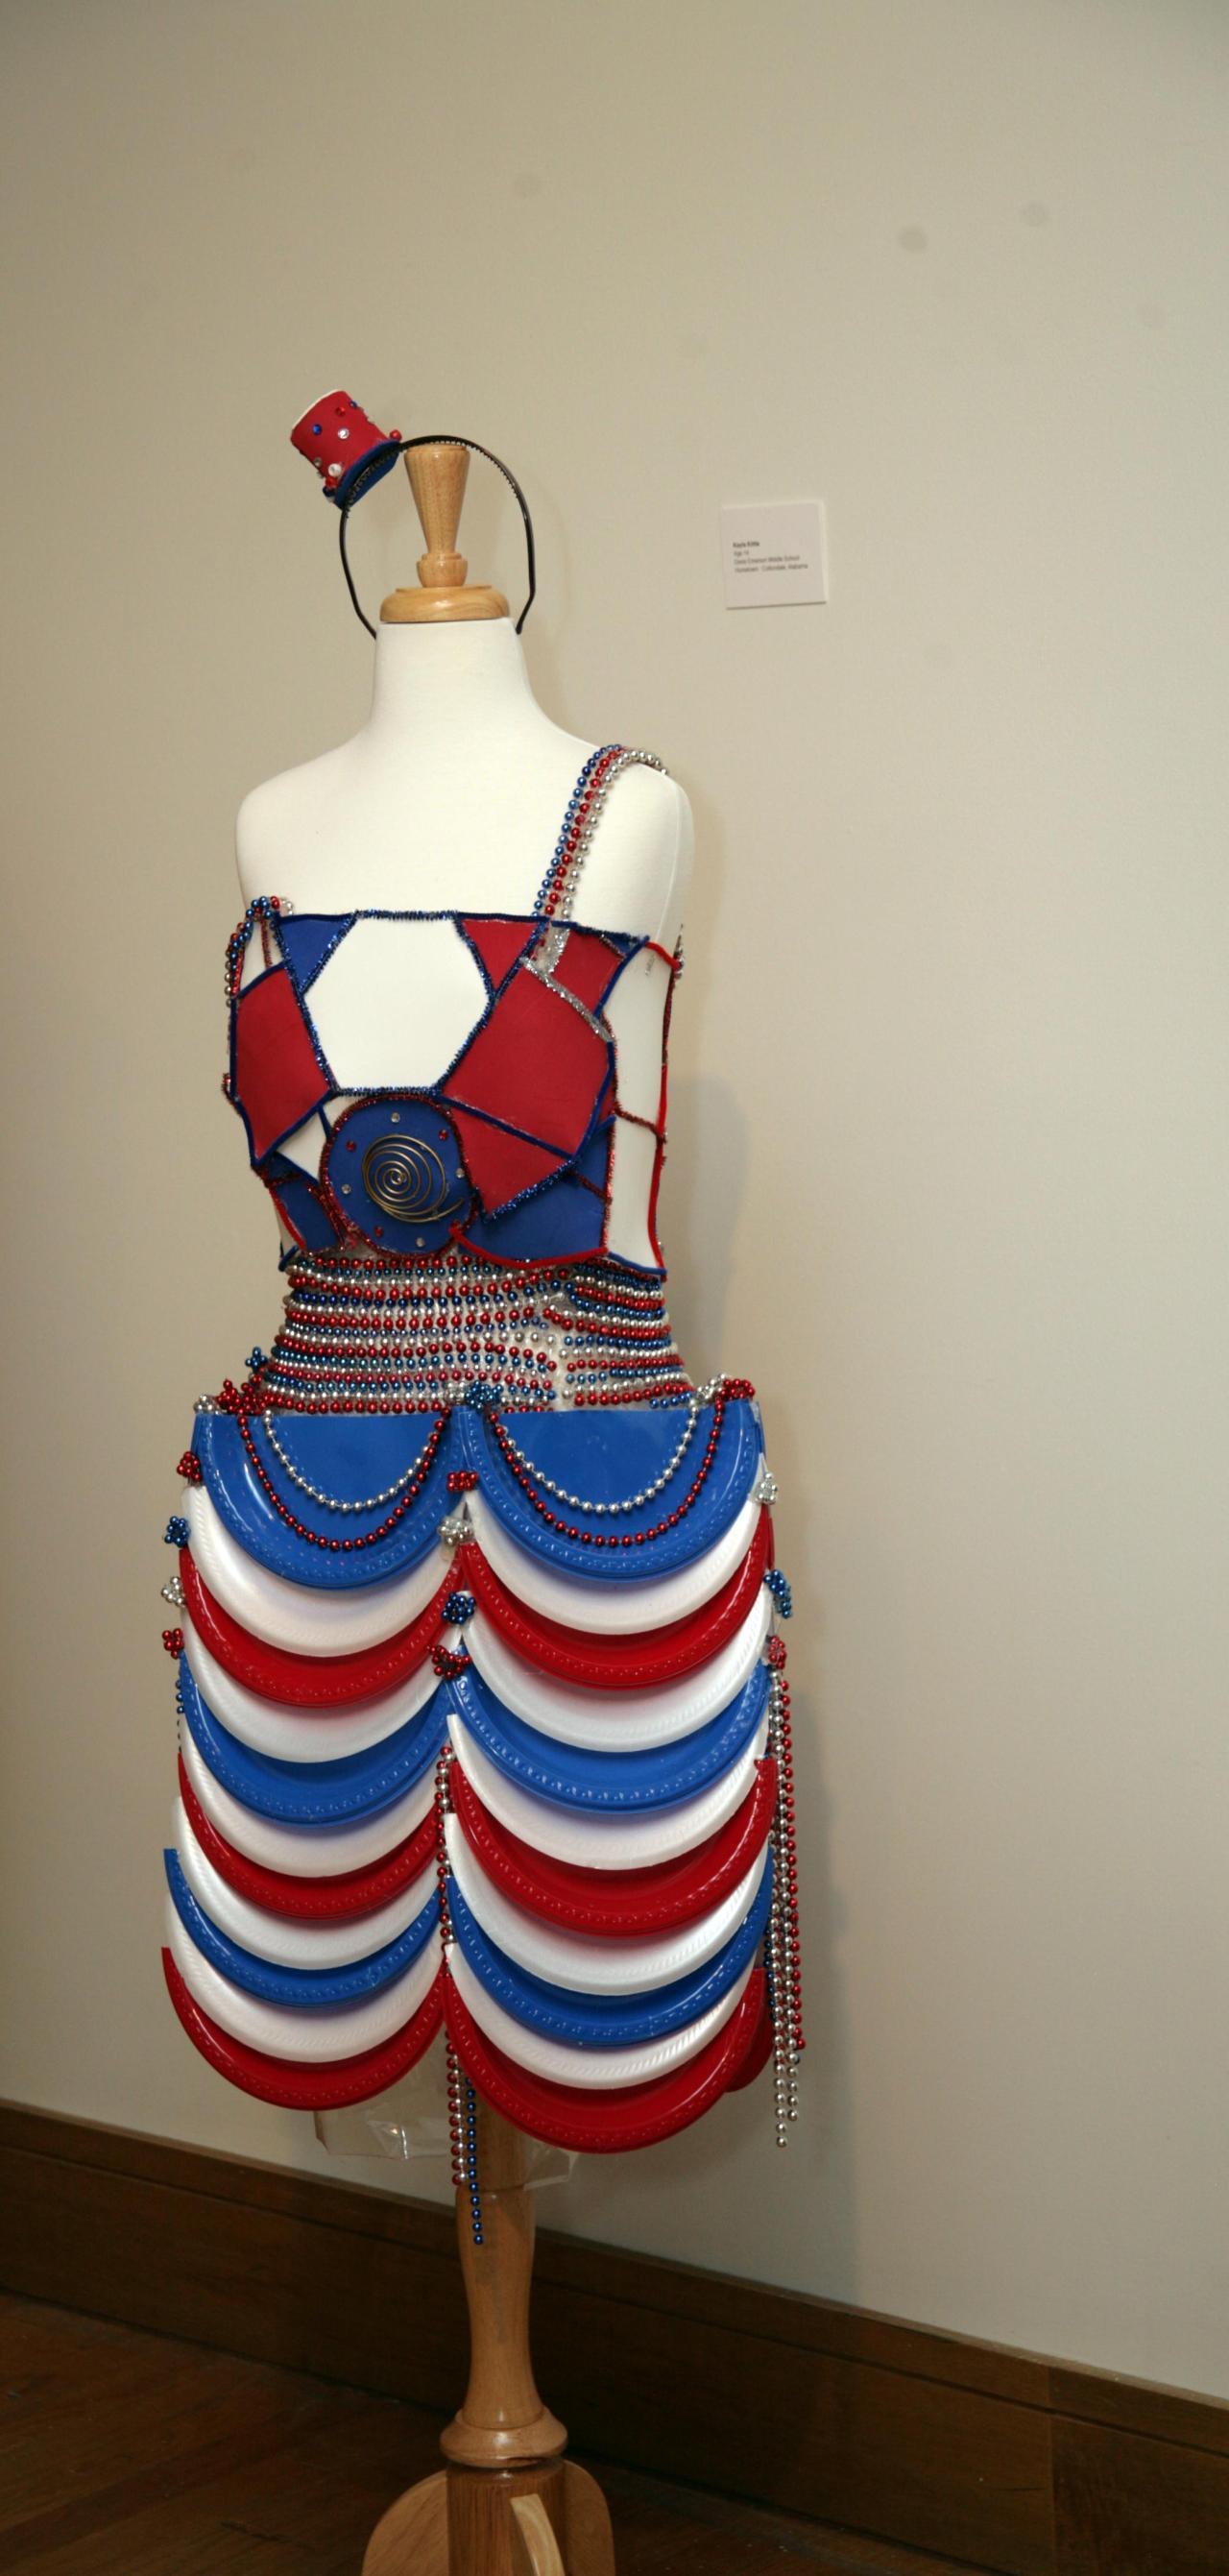 Designer: Kayla Kittle, age 14. Kayla attends Davis Emerson Middle School.